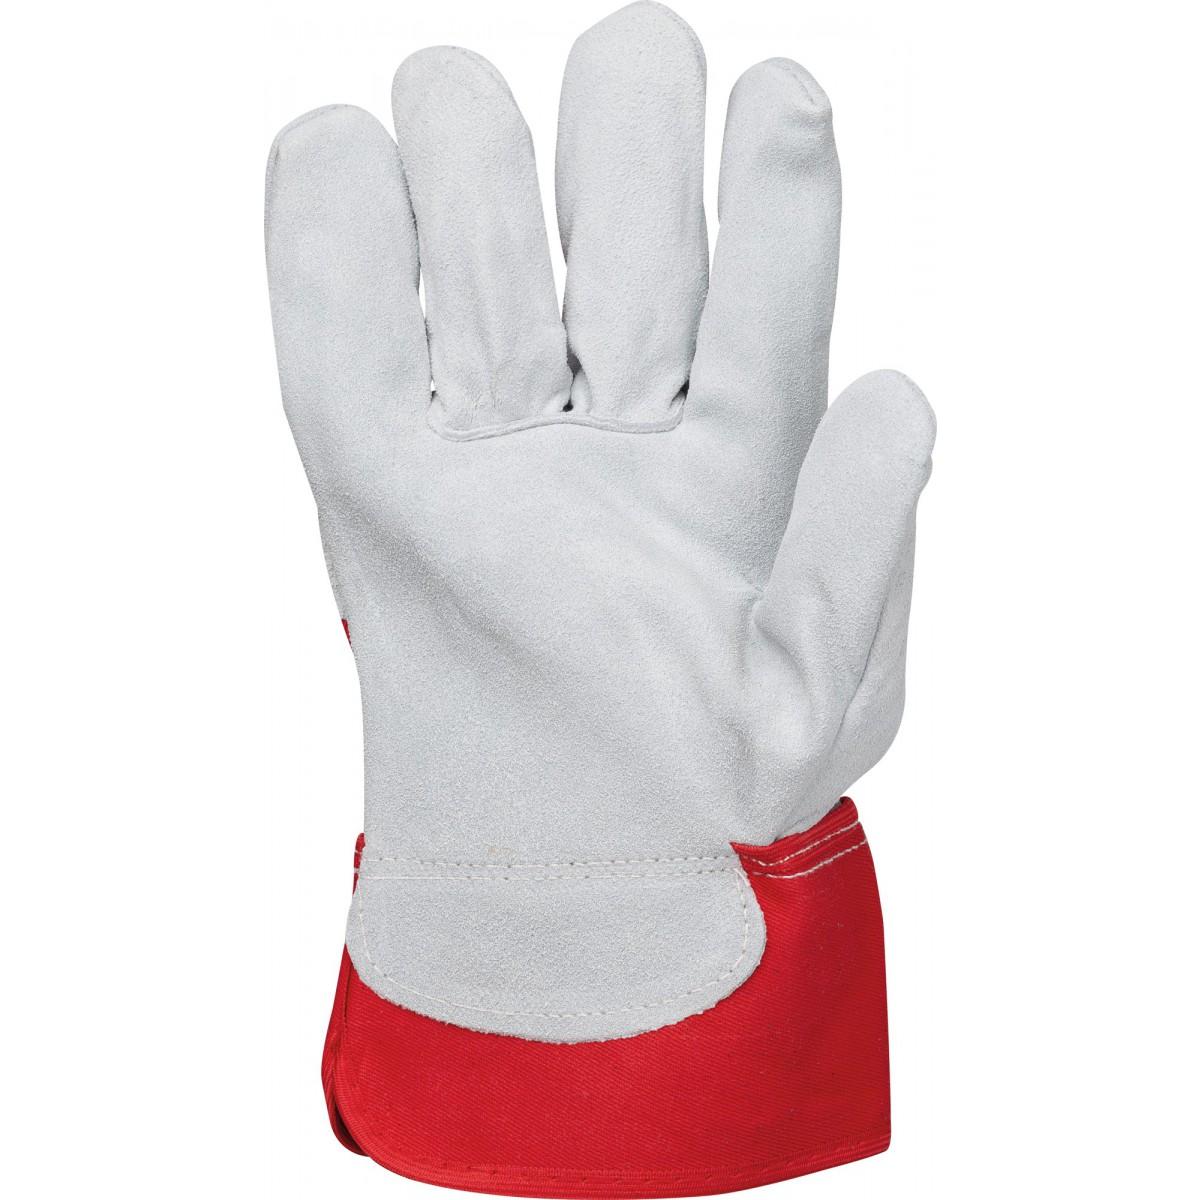 Gants docker de protection cuir croûte de vachette Outibat - Taille 10 - Vendu par 10